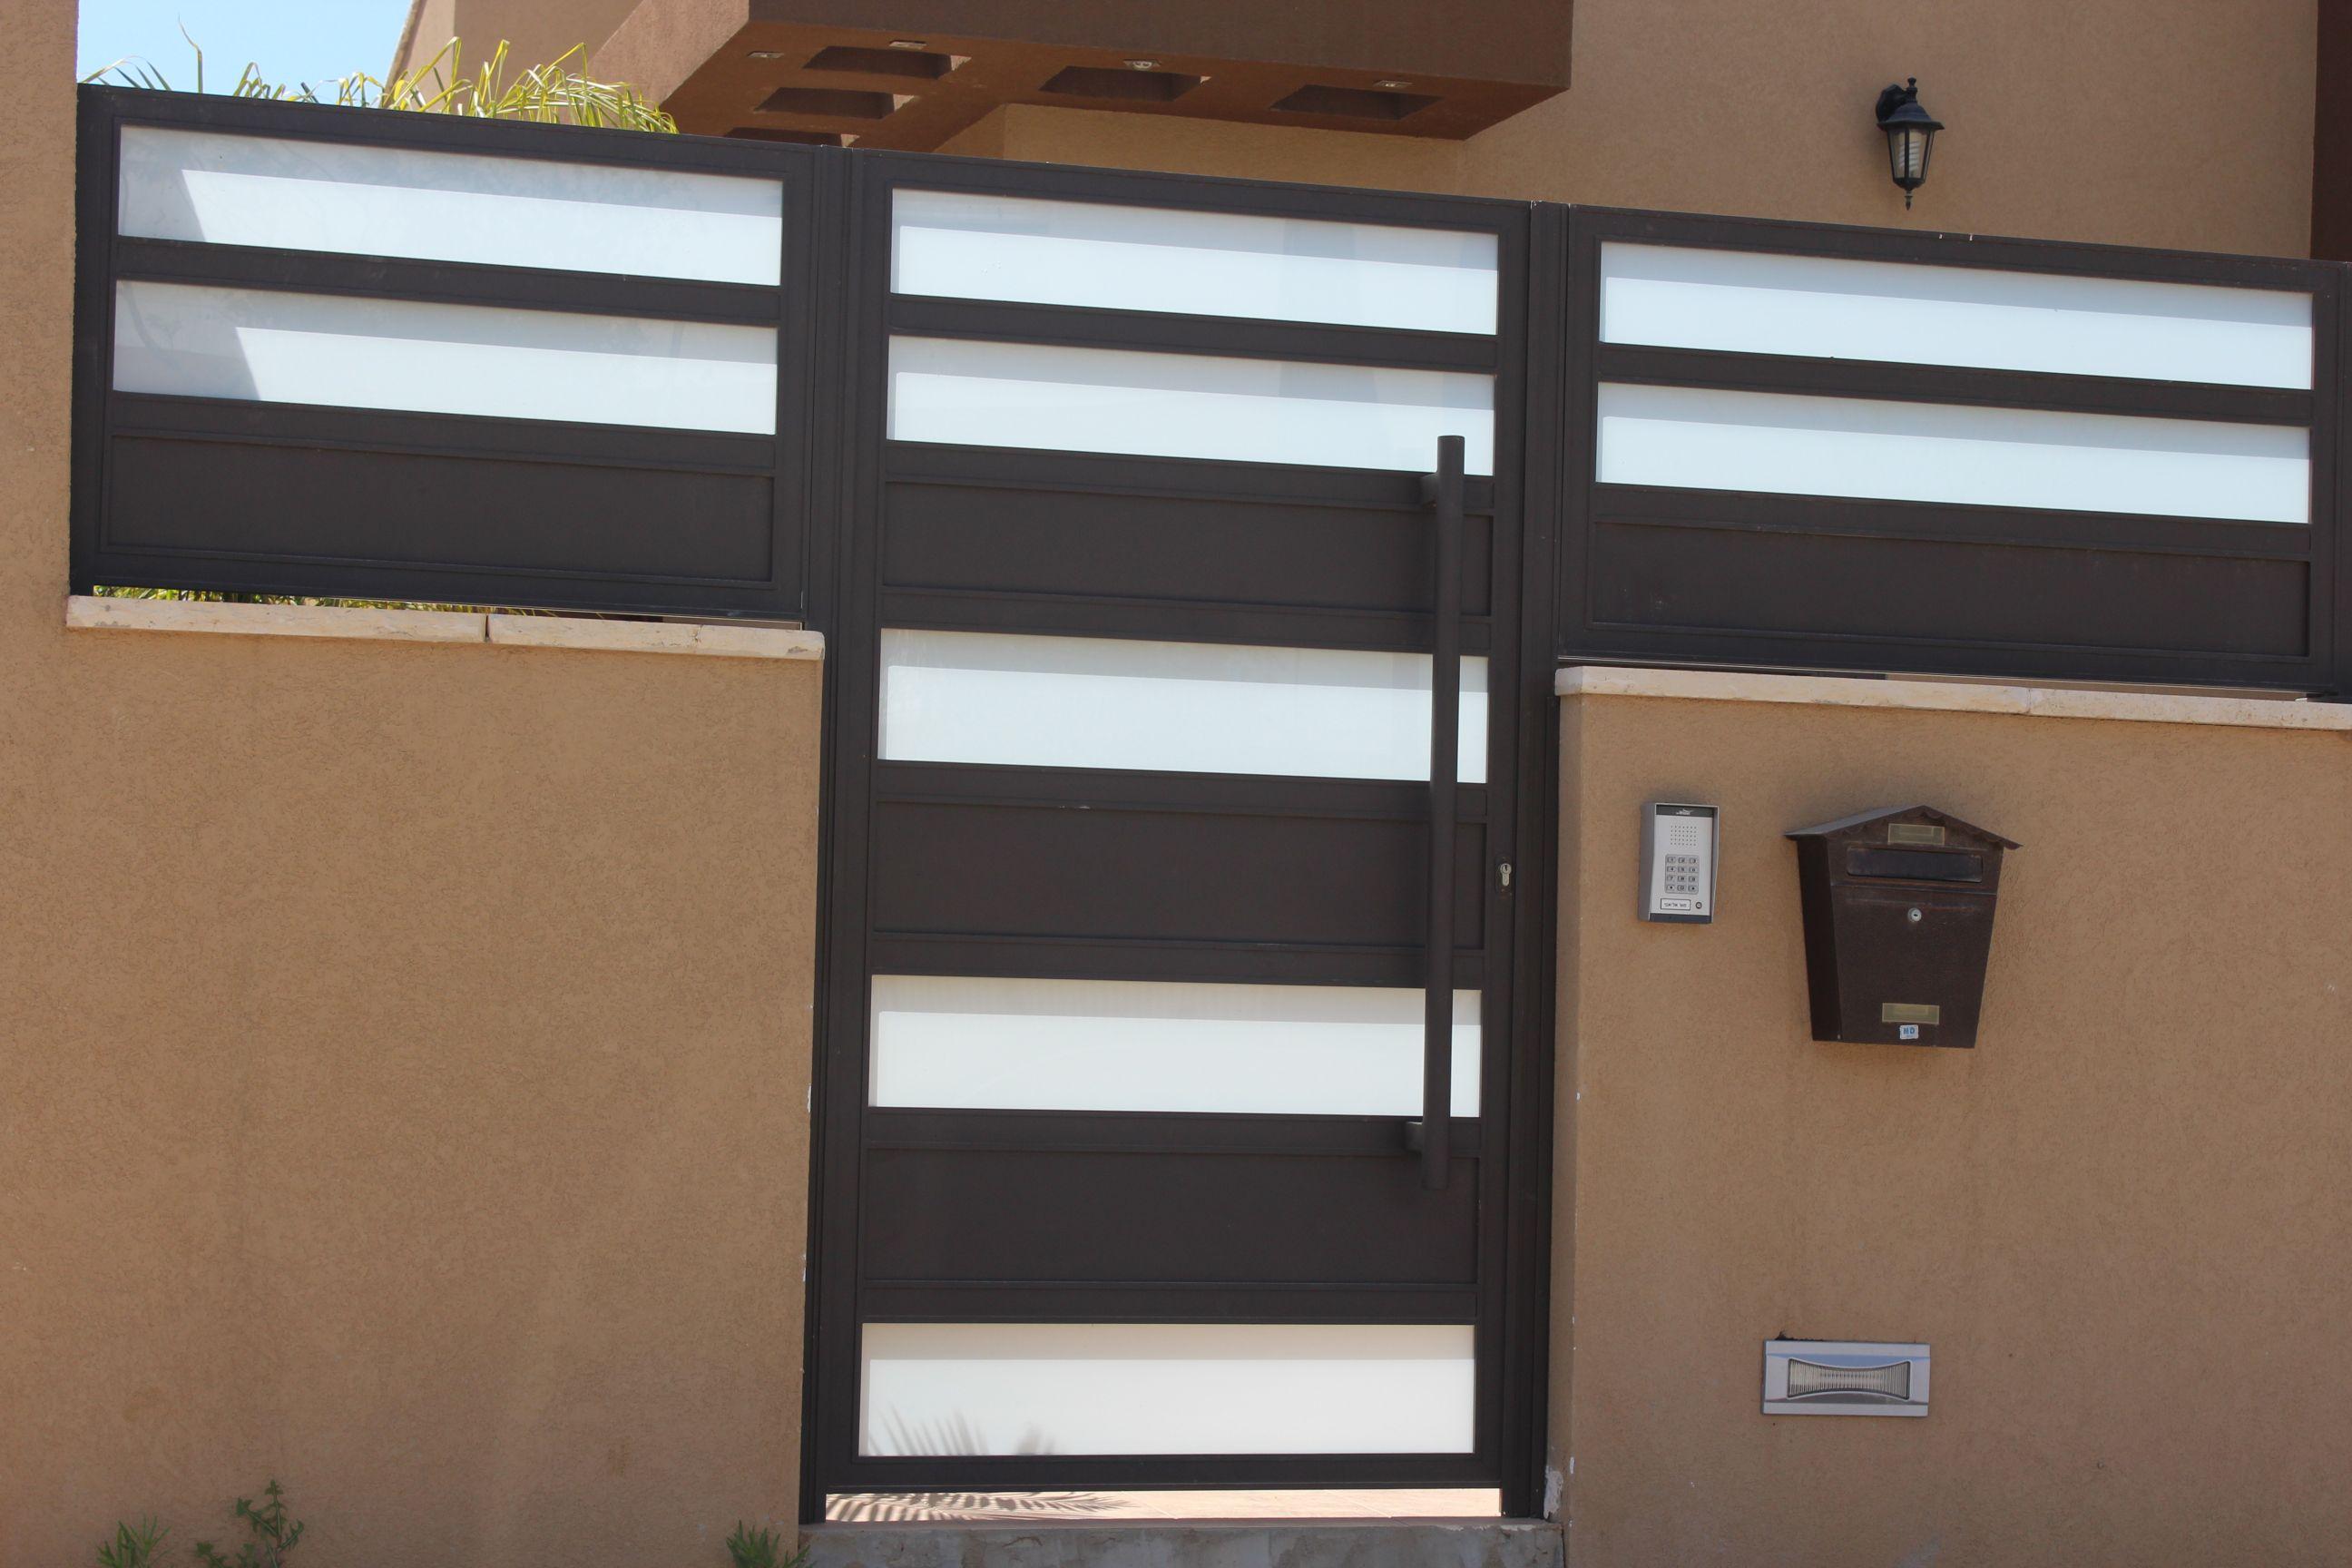 גדרות - גדרות - שילובי זכוכית - גדר בשילובי זכוכית